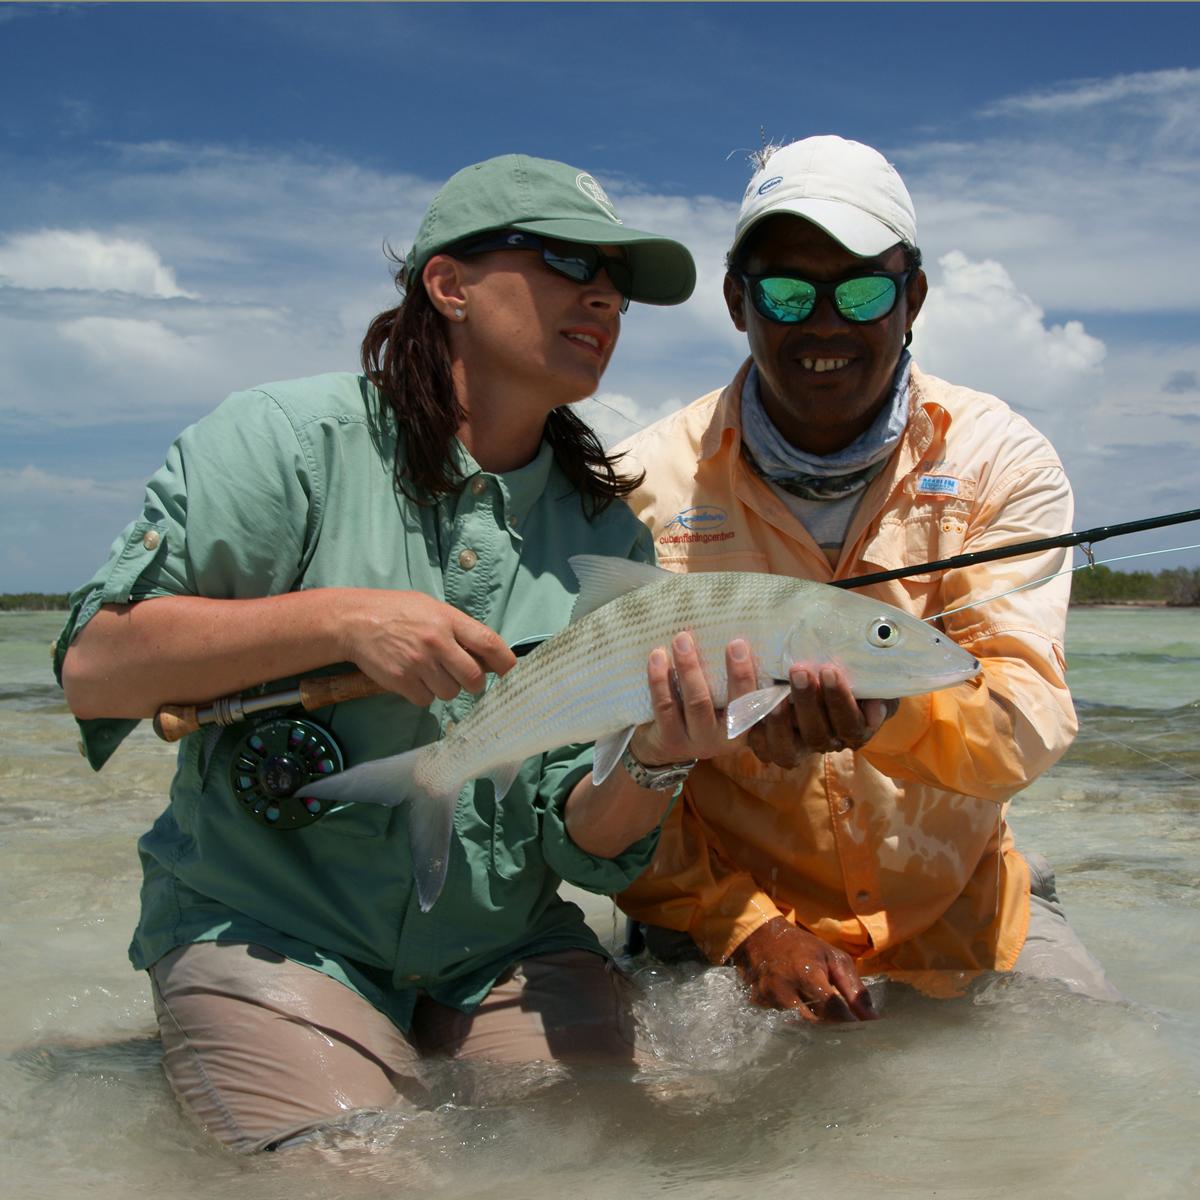 Mirjana Pavlic beim Fliegenfischen auf Bonefish